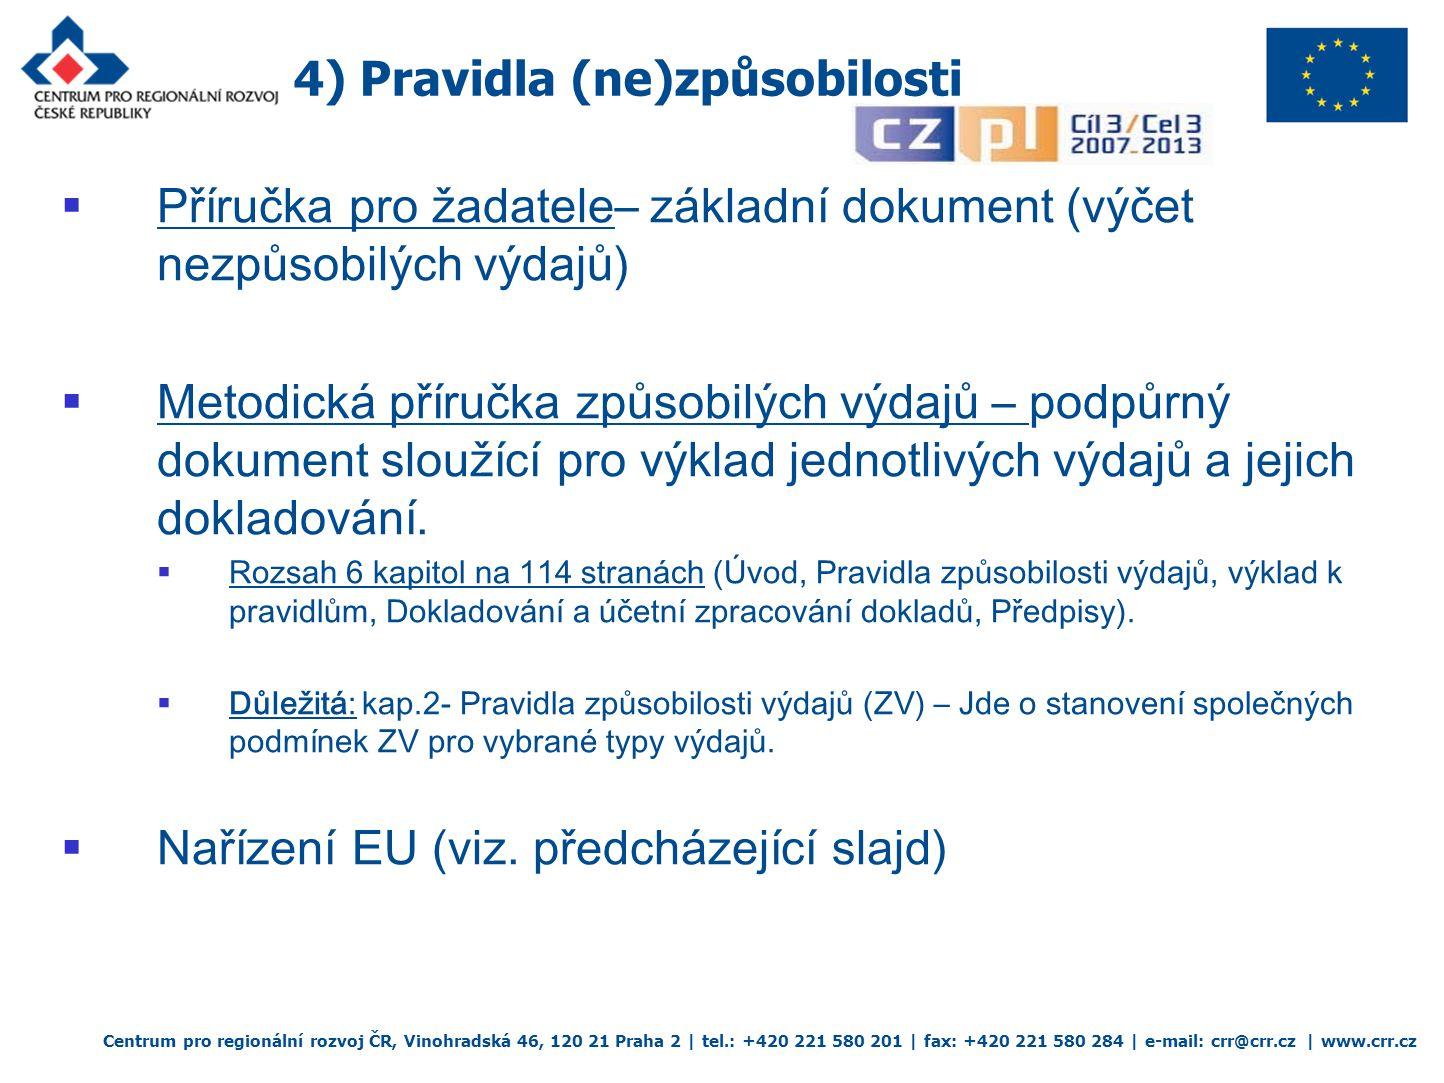 5) Obecné principy způsobilosti Centrum pro regionální rozvoj ČR, Vinohradská 46, 120 21 Praha 2 | tel.: +420 221 580 201 | fax: +420 221 580 284 | e-mail: crr@crr.cz | www.crr.cz a) Obecné zásady způsobilosti výdajů: Aby výdaj byl považován za způsobilý, musí být při realizaci projektu vynaložen v souvislosti s dosažením cíle projektu, který je v souladu s cíli dané prioritní osy.